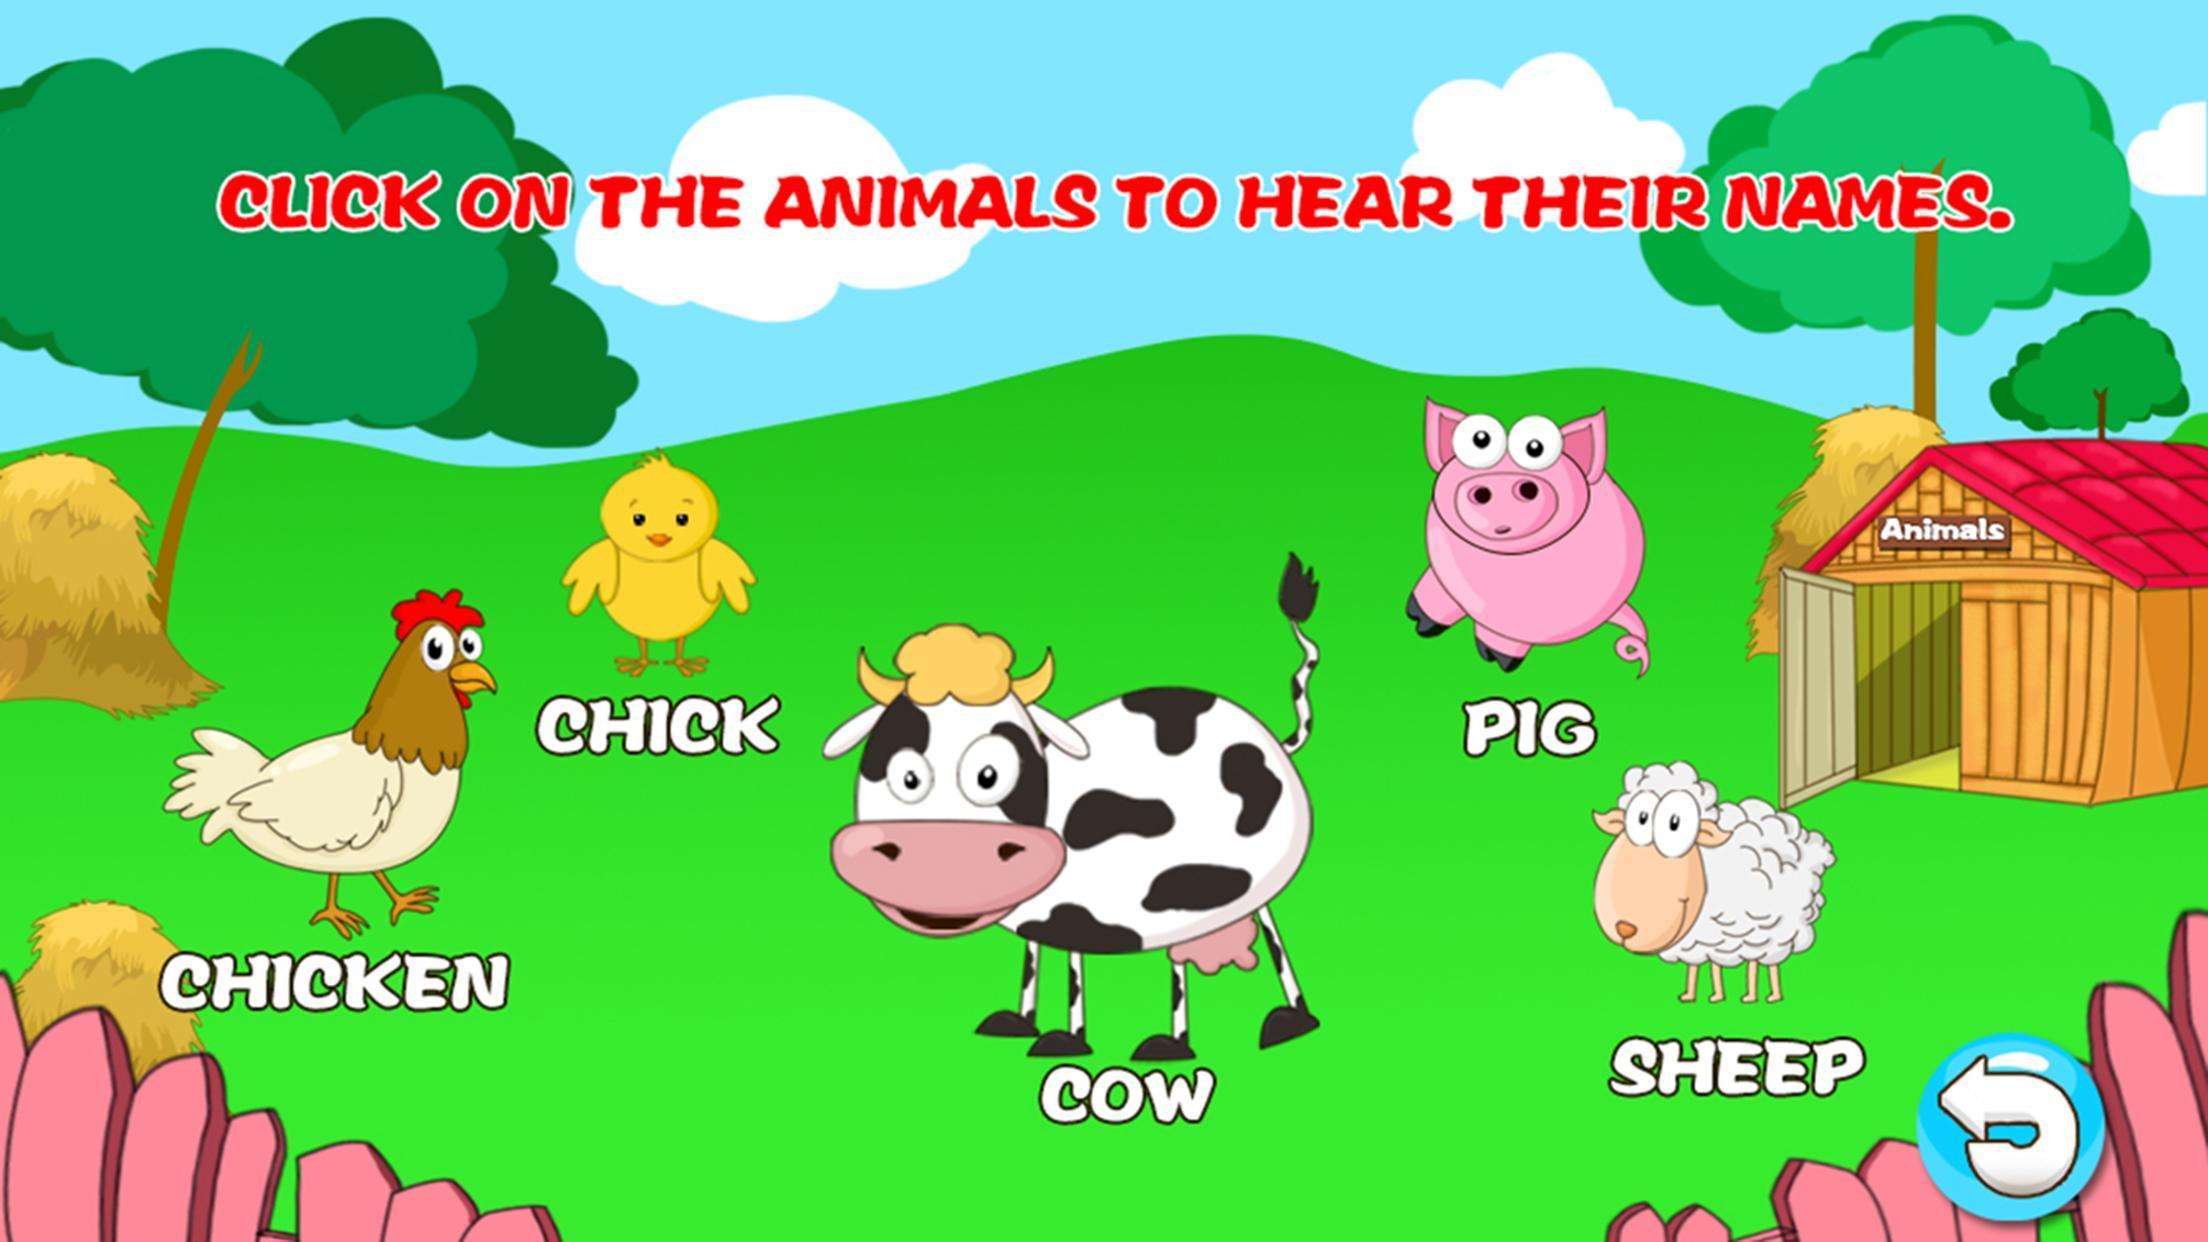 Sofia Jeux Animaux De La Ferme Pour Android - Téléchargez L'apk avec Jeux Les Animaux De La Ferme